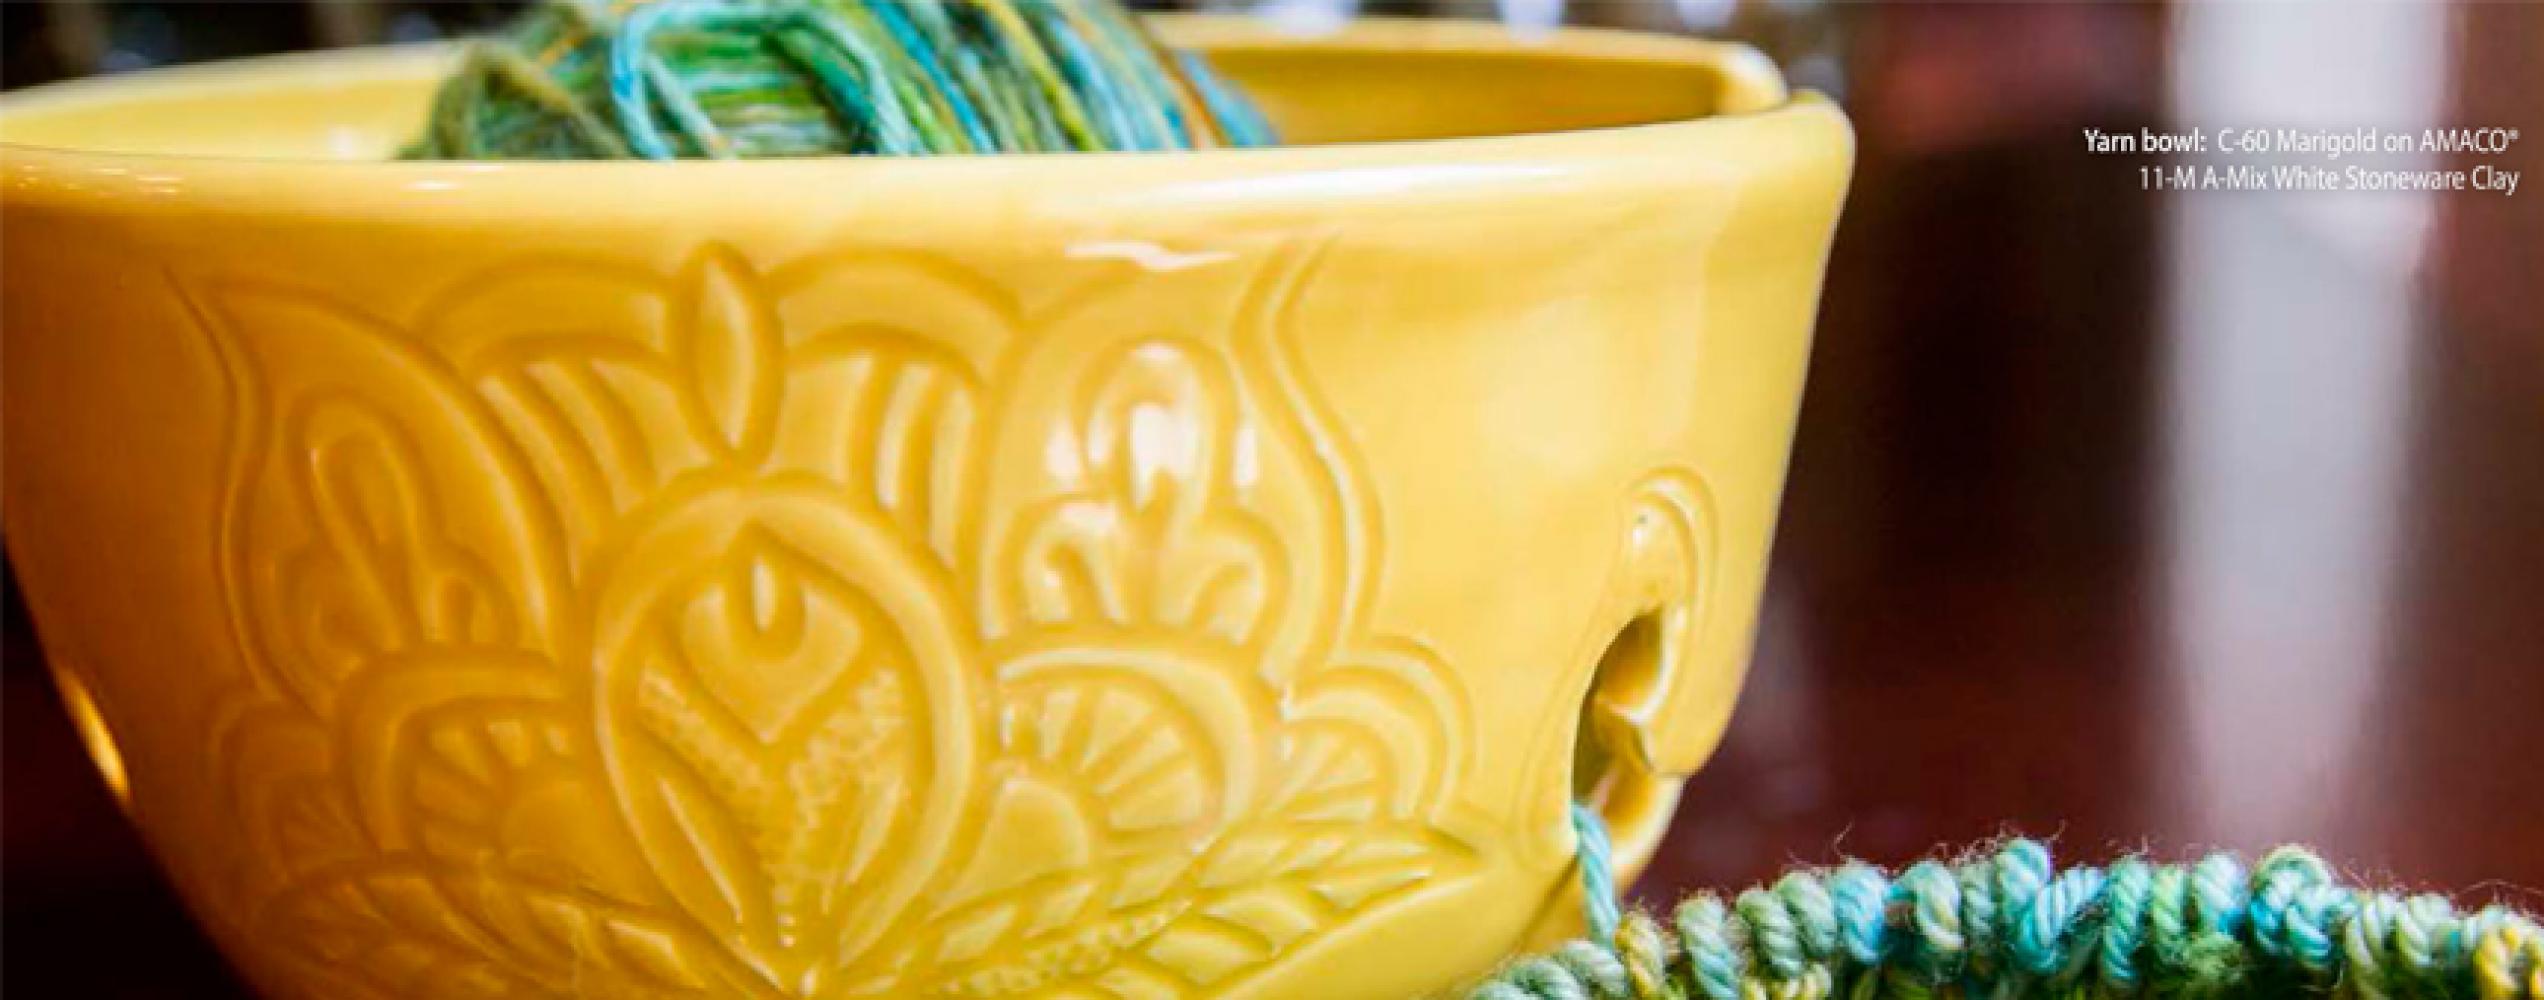 NEW: AMACO Celadons